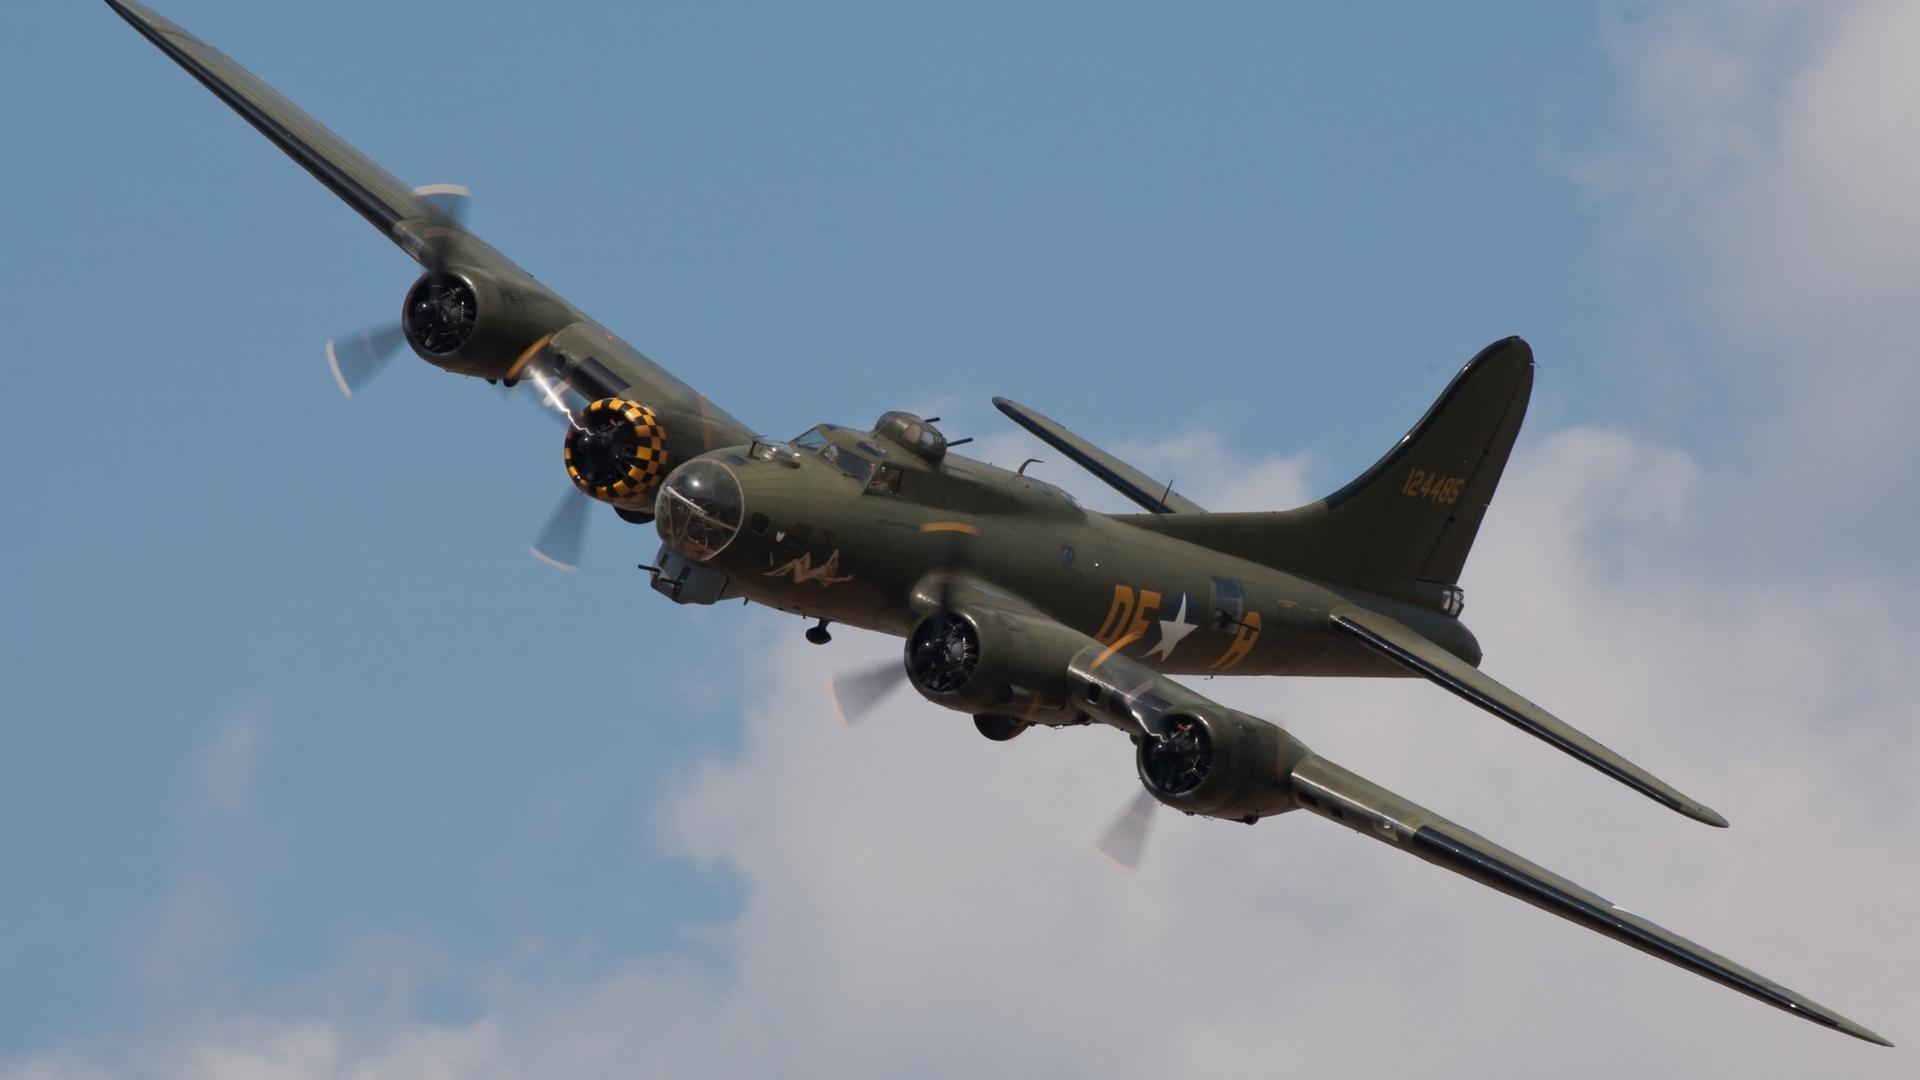 самолет, военный, бомбардировщик